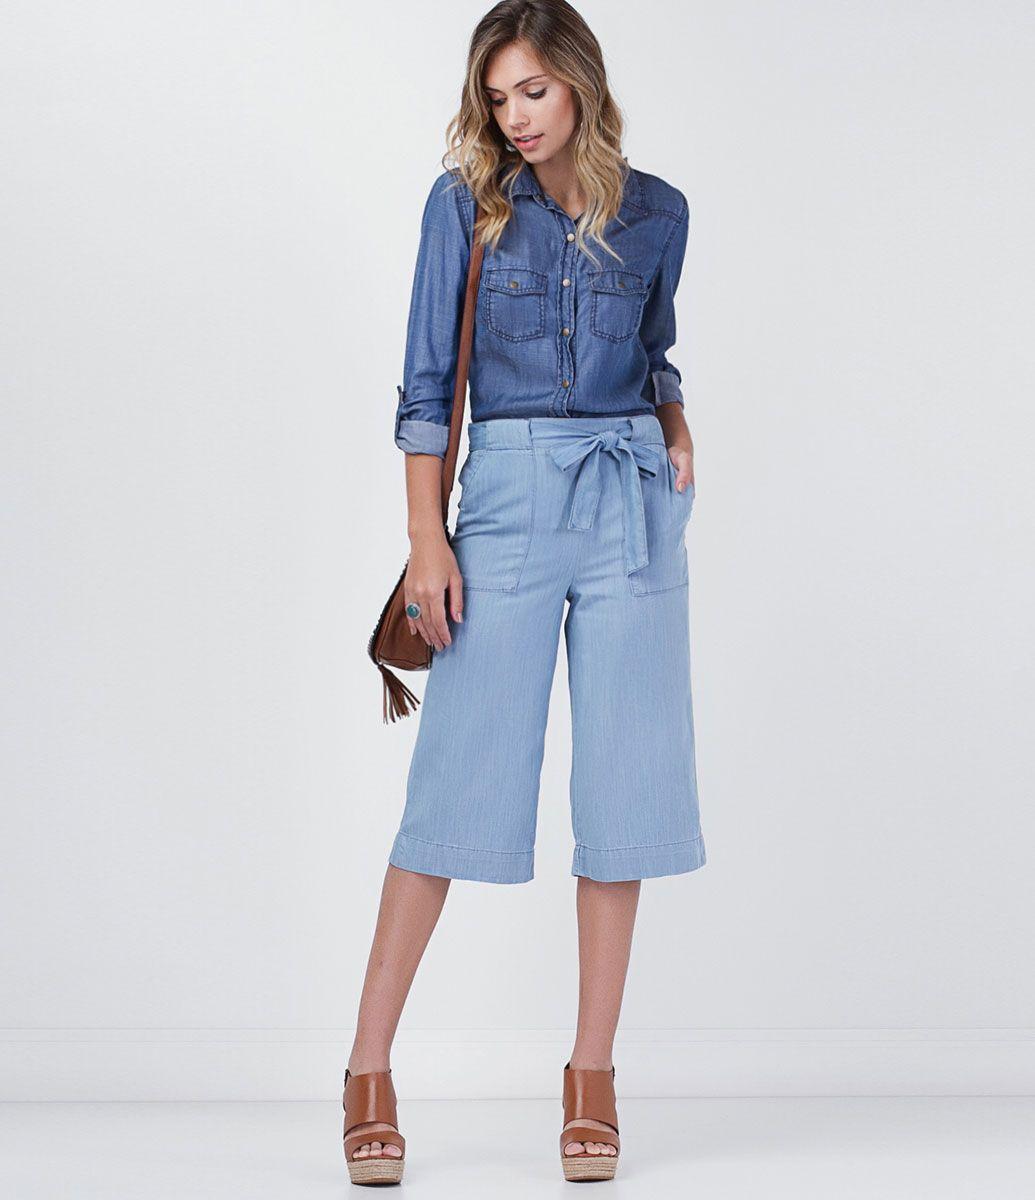 8f9d08f1e Calça pantacourt jeans | Moda para usar | Calça pantacourt ...